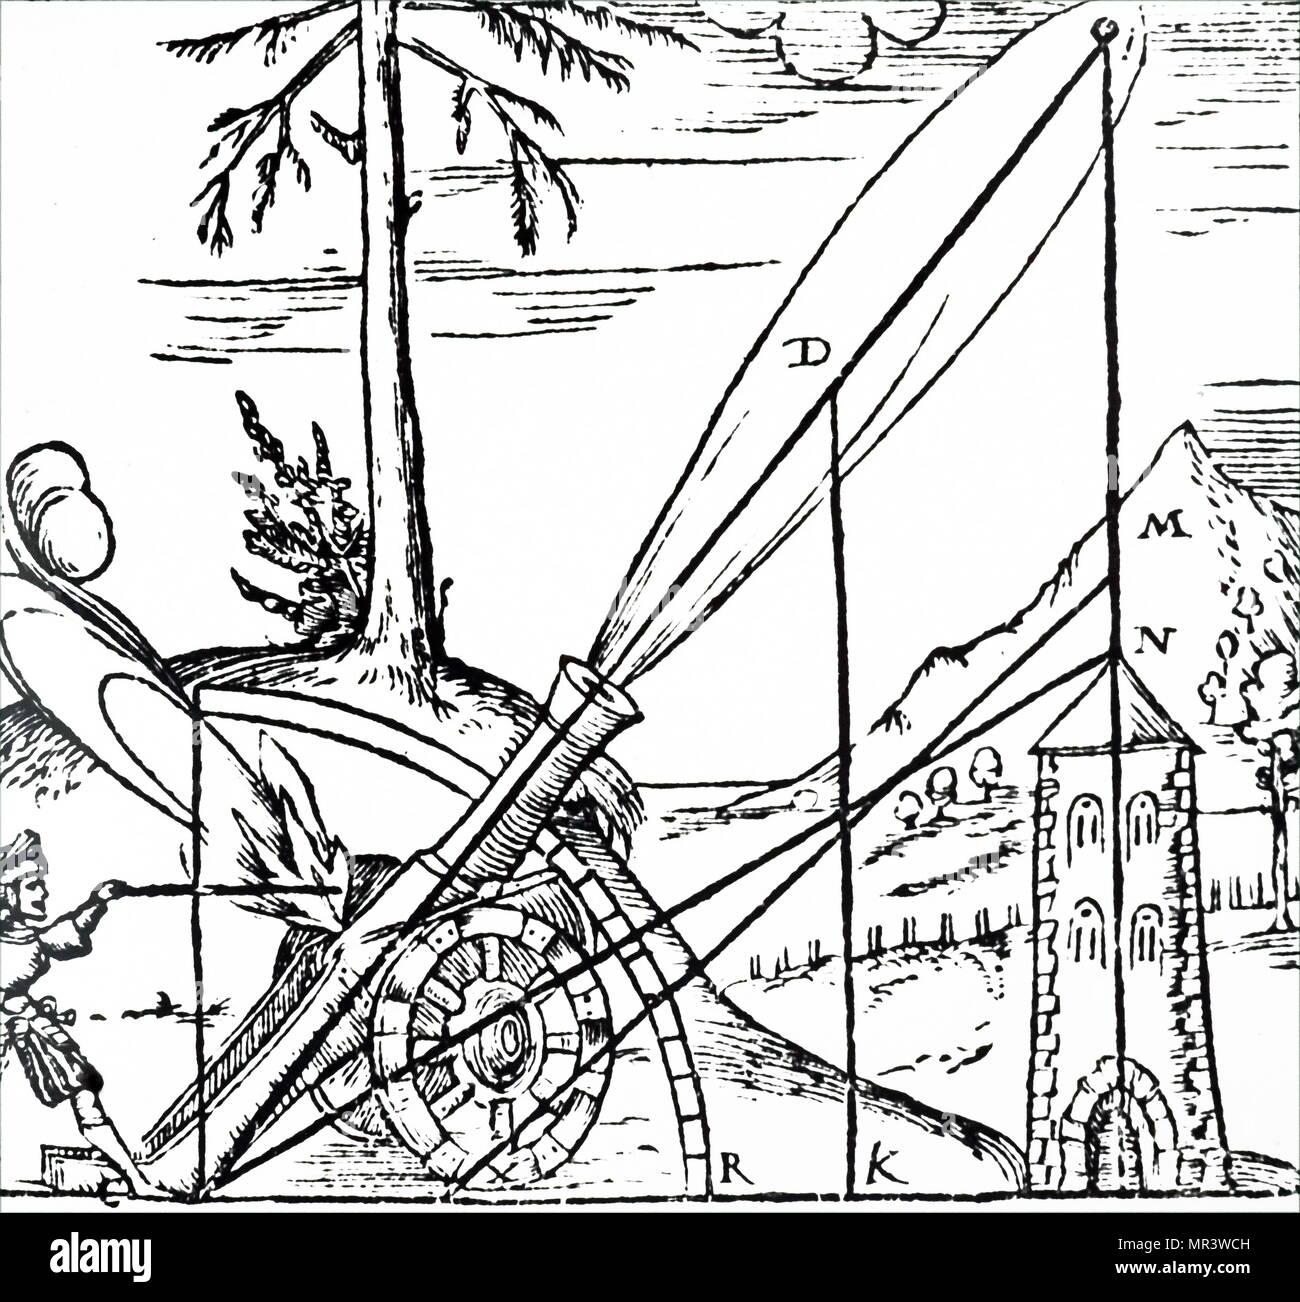 Ilustración del concepto Aristotélico de la trayectoria de un proyectil. Como creía ningún órgano podría realizar más de un movimiento en un tiempo, el camino tenía que constan de dos mociones independientes en una línea recta. Fecha del siglo XVI. Imagen De Stock